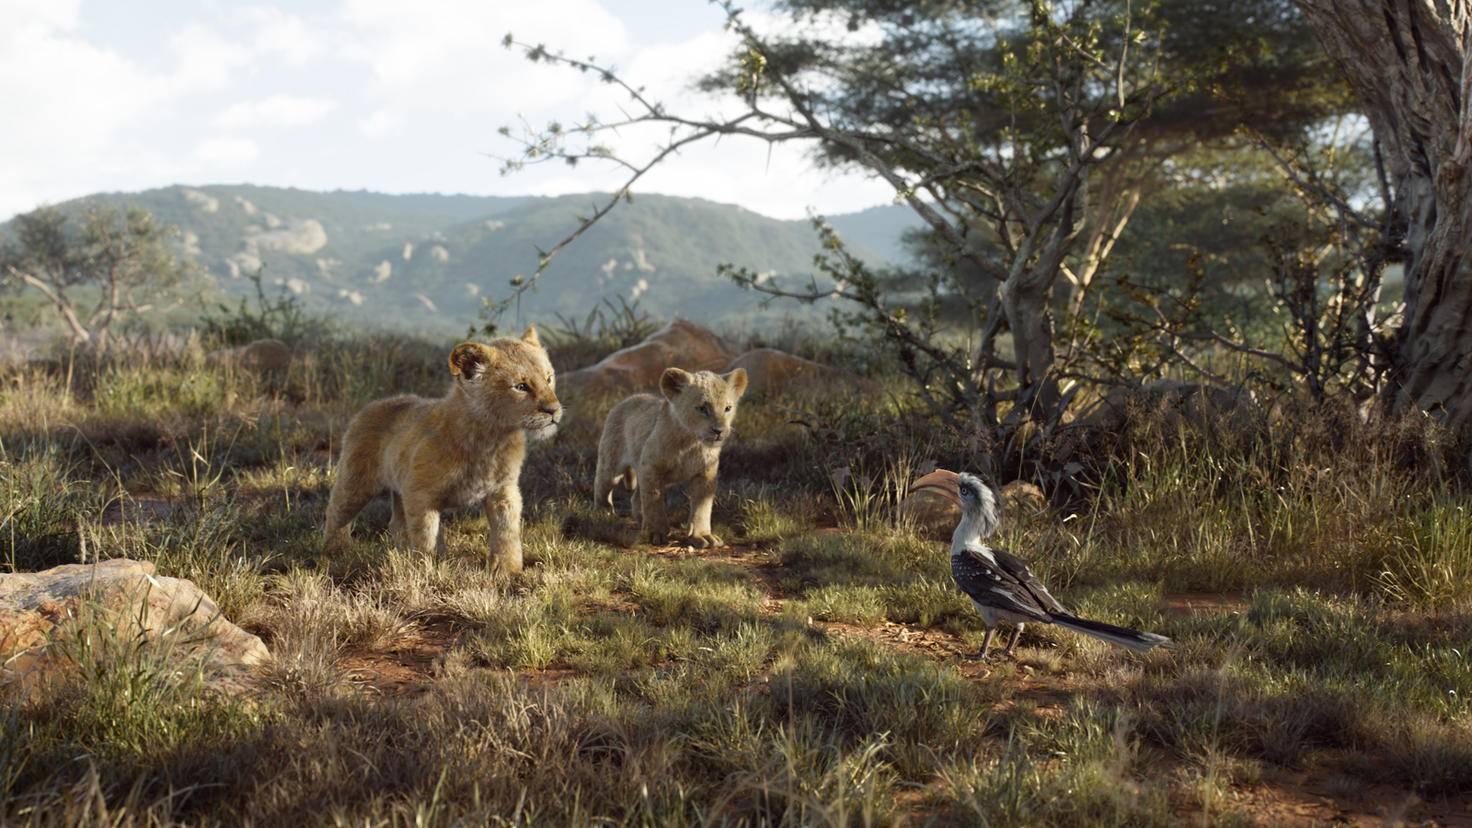 Zazu begleitet die beiden Löwenkinder überall hin.